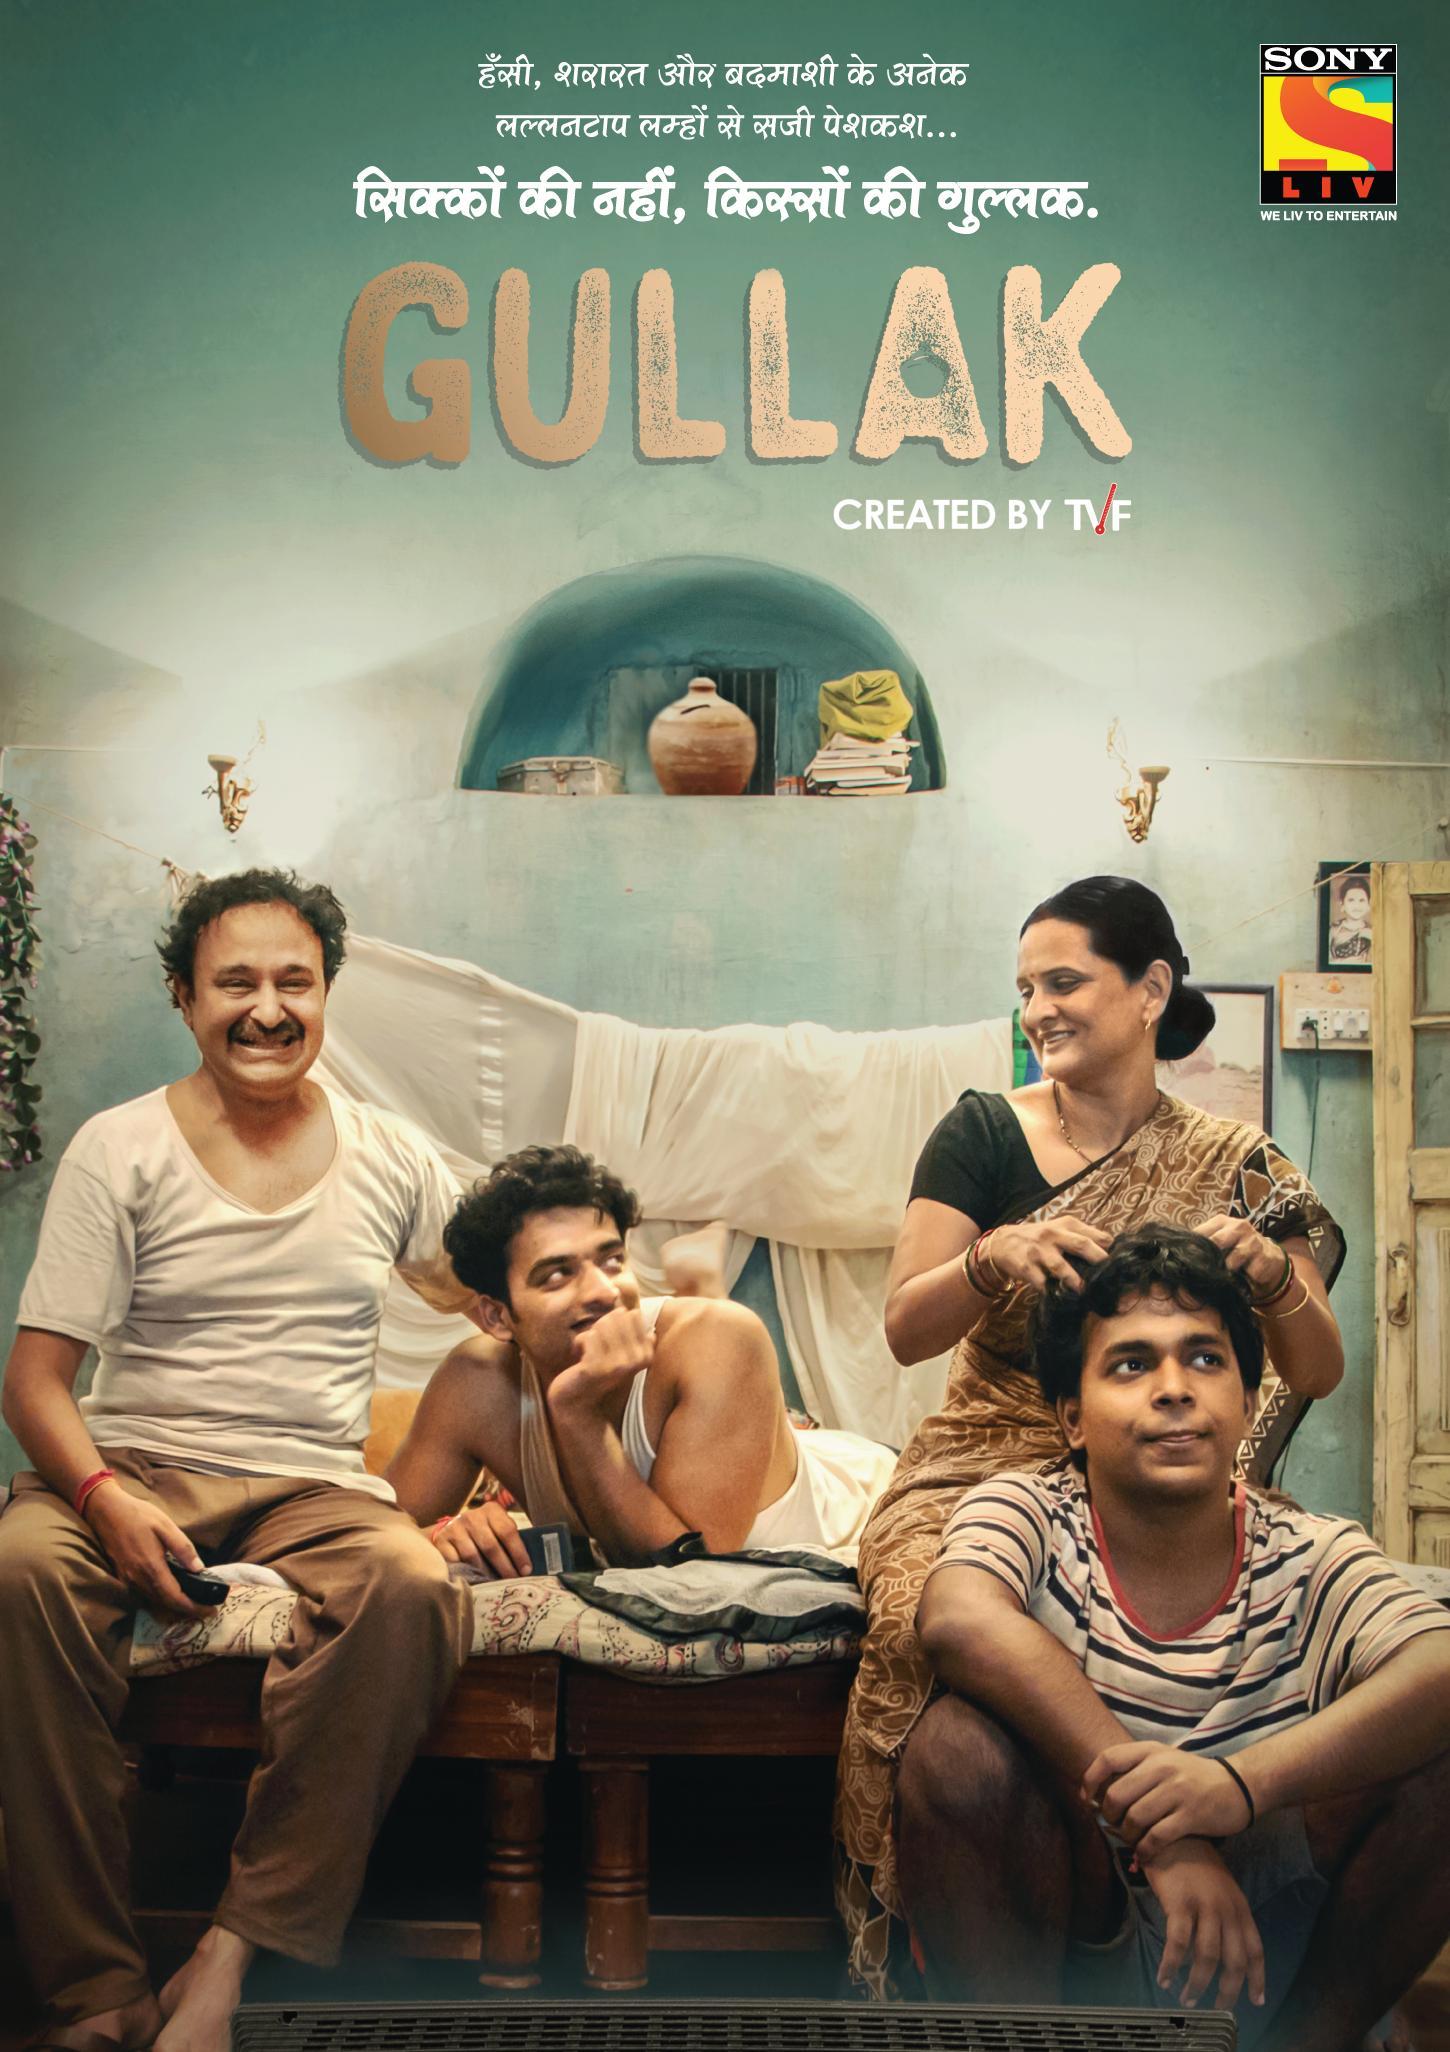 Gullak (2019) S01 E01-05 WebRip Hindi 720p | 480p x264 AAC